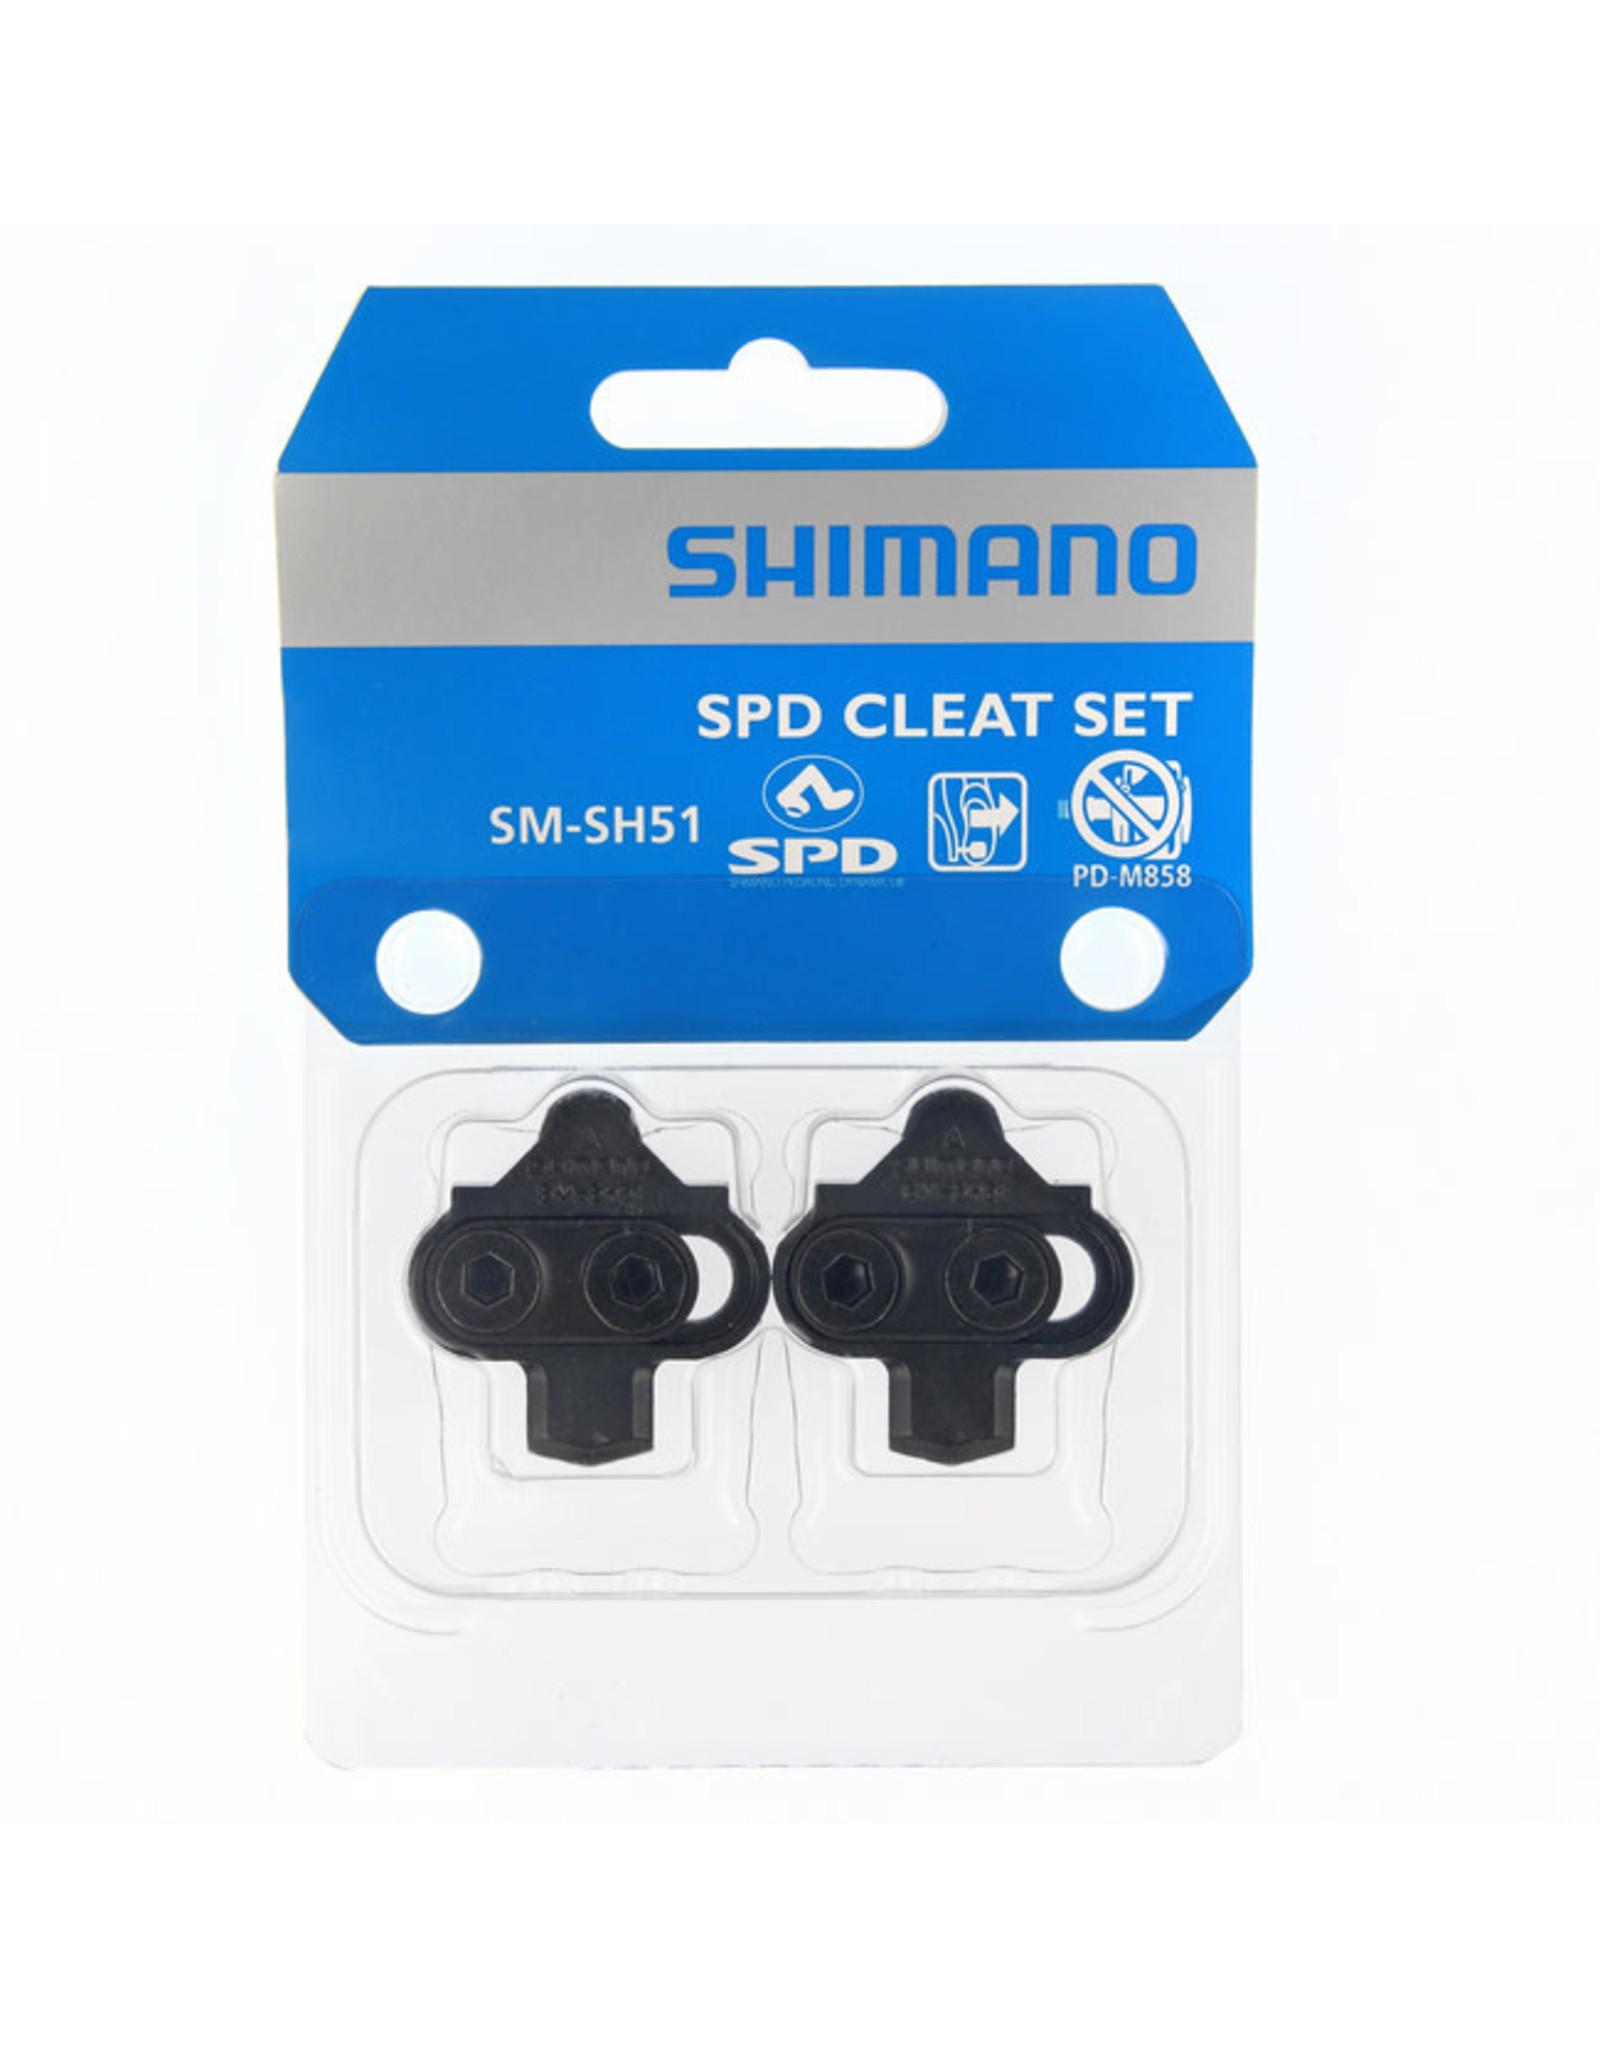 Shimano Cleats Shimano SH51 SPD single release